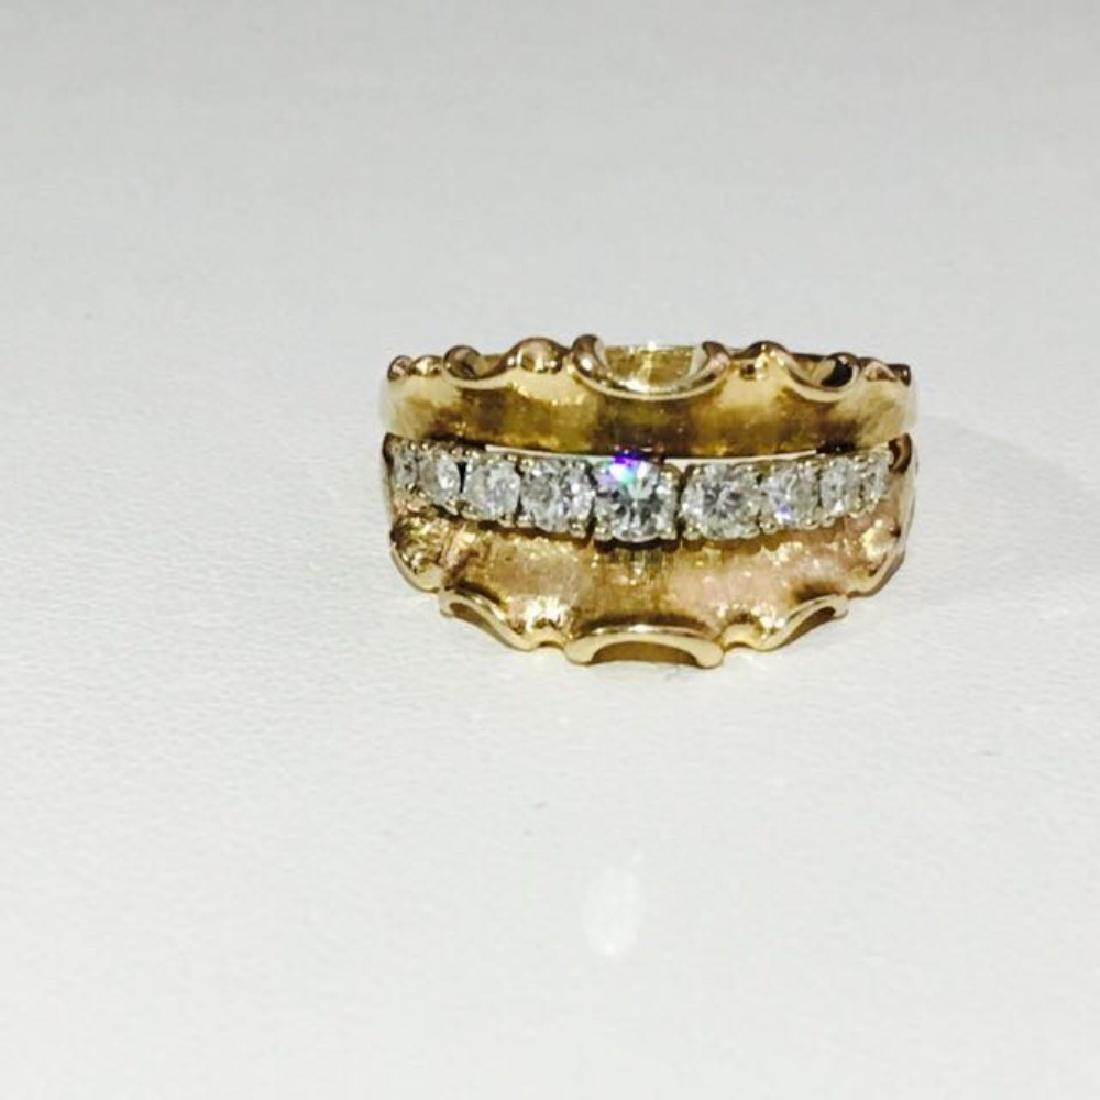 14K Yellow Gold, 1.10 Carat VINTAGE White Diamond Ring.